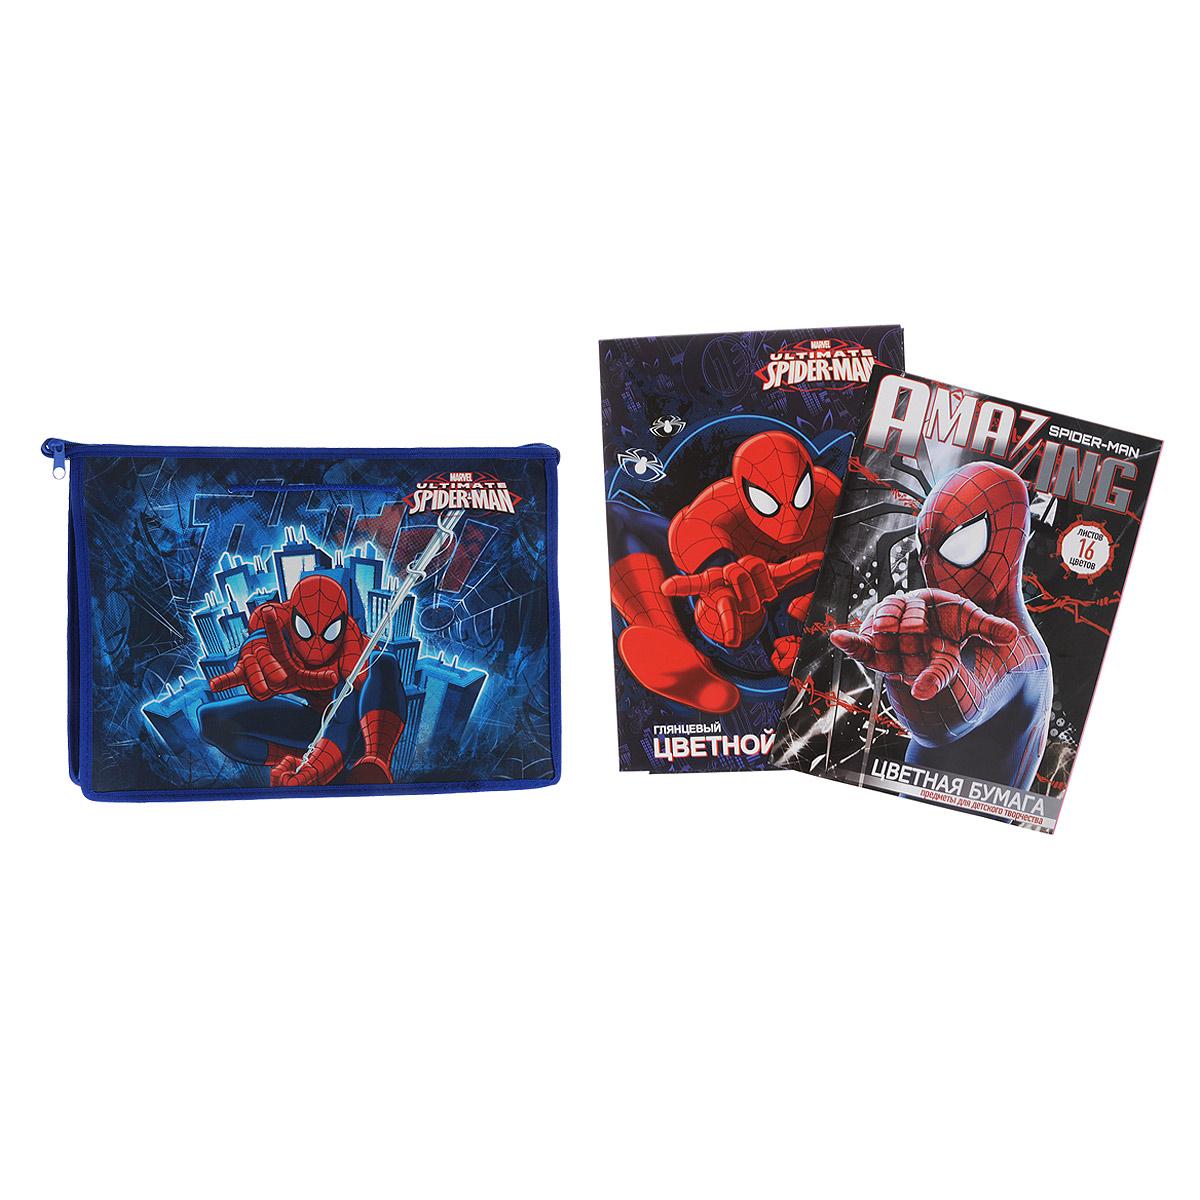 Набор школьных принадлежностей для труда Spider-man, 27 предметовSMOZ-UT1-PTR-SET2Набор школьных принадлежностей для труда Spider-man позволит юным поклонникам мультфильма всегда быть подготовленными к урокам!Набор включает в себя: папку-портфель с ручками на молнии формата А4, набор цветной бумаги 16 листов, набор цветного картона 10 листов. Пластиковая папка-портфель предназначена для хранения тетрадей, рисунков и прочих бумаг. Позволяет легко разместить в ней альбом для рисования или набор цветной бумаги. Внутри папки одно большое отделение. Закрывается папка на застежку-молнию.Яркая и удобная, такая папка непременно понравится вашему ребенку и станет стильным набором со всем необходимым к школе.